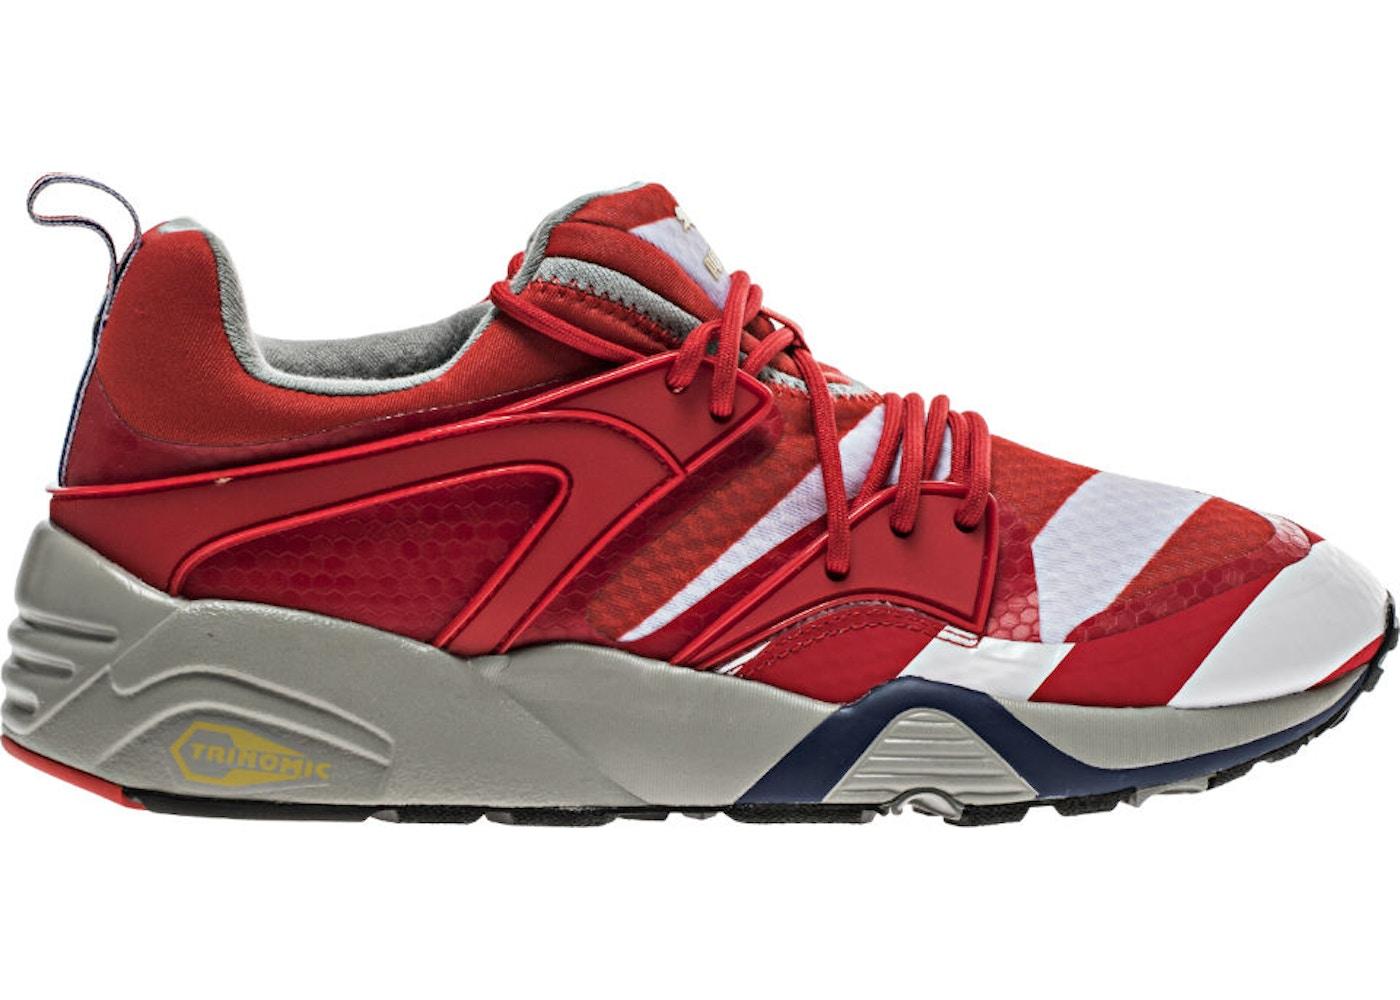 5e08c7c8f03 Puma Blaze Of Glory Rwb High Risk Red- Blue-White - 362096-01